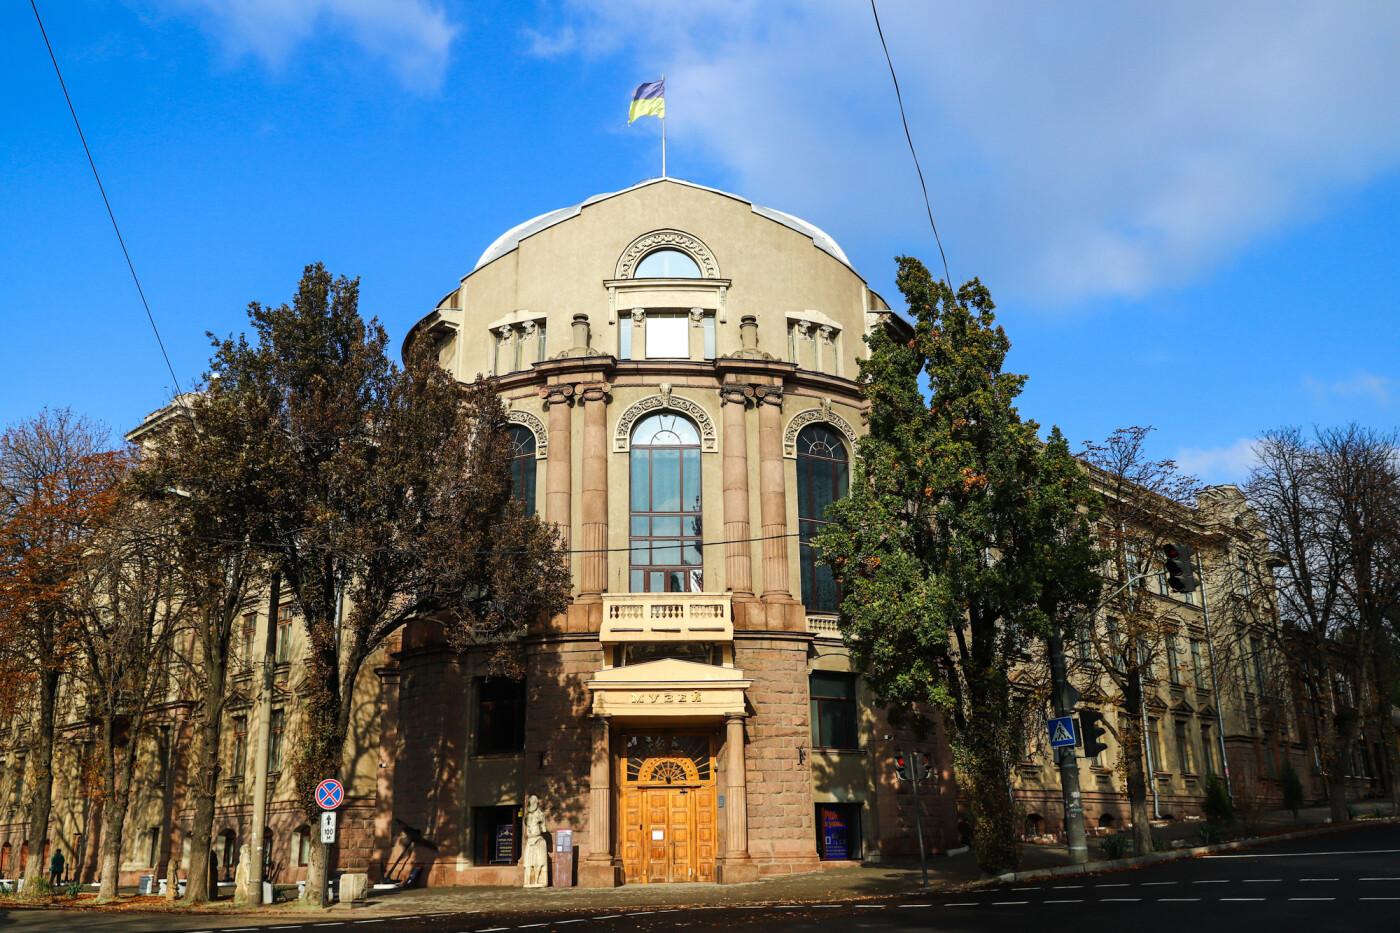 Маршруты выходного дня: не скучаем на карантине, а изучаем Запорожскую область и открываем секреты родного города, фото-33